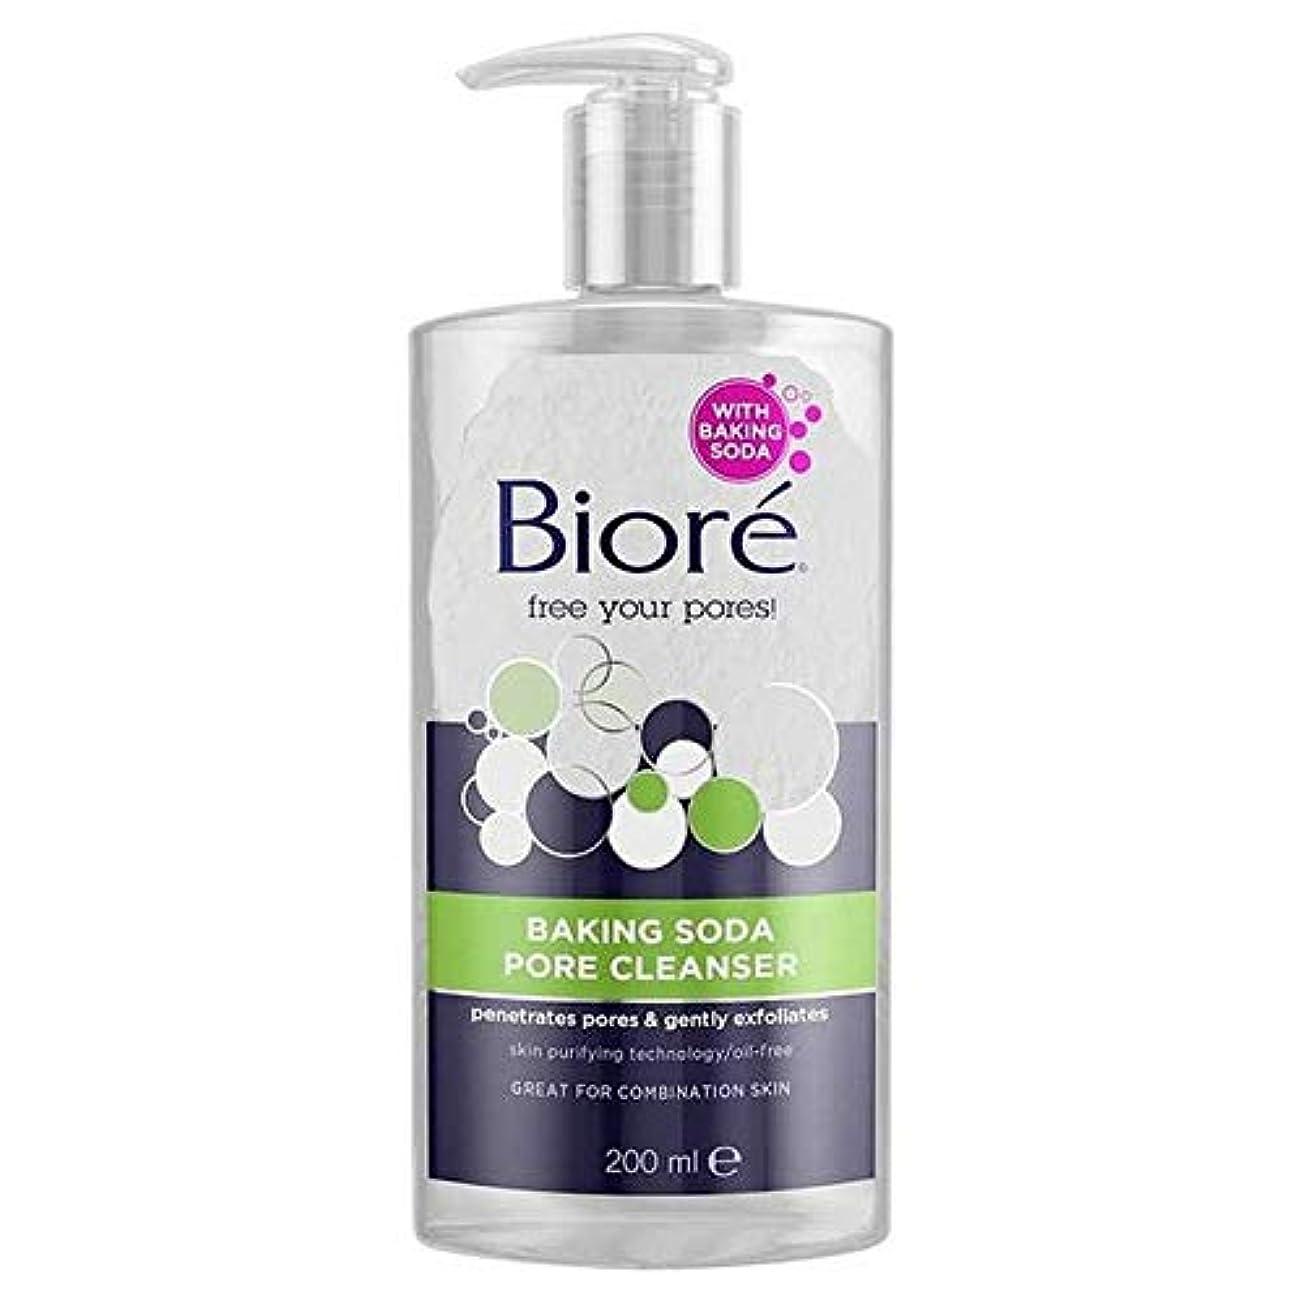 マウスピース樫の木有毒[Biore ] ビオレベーキングソーダポアクレンザーの200ミリリットル - Biore Baking Soda Pore Cleanser 200ml [並行輸入品]